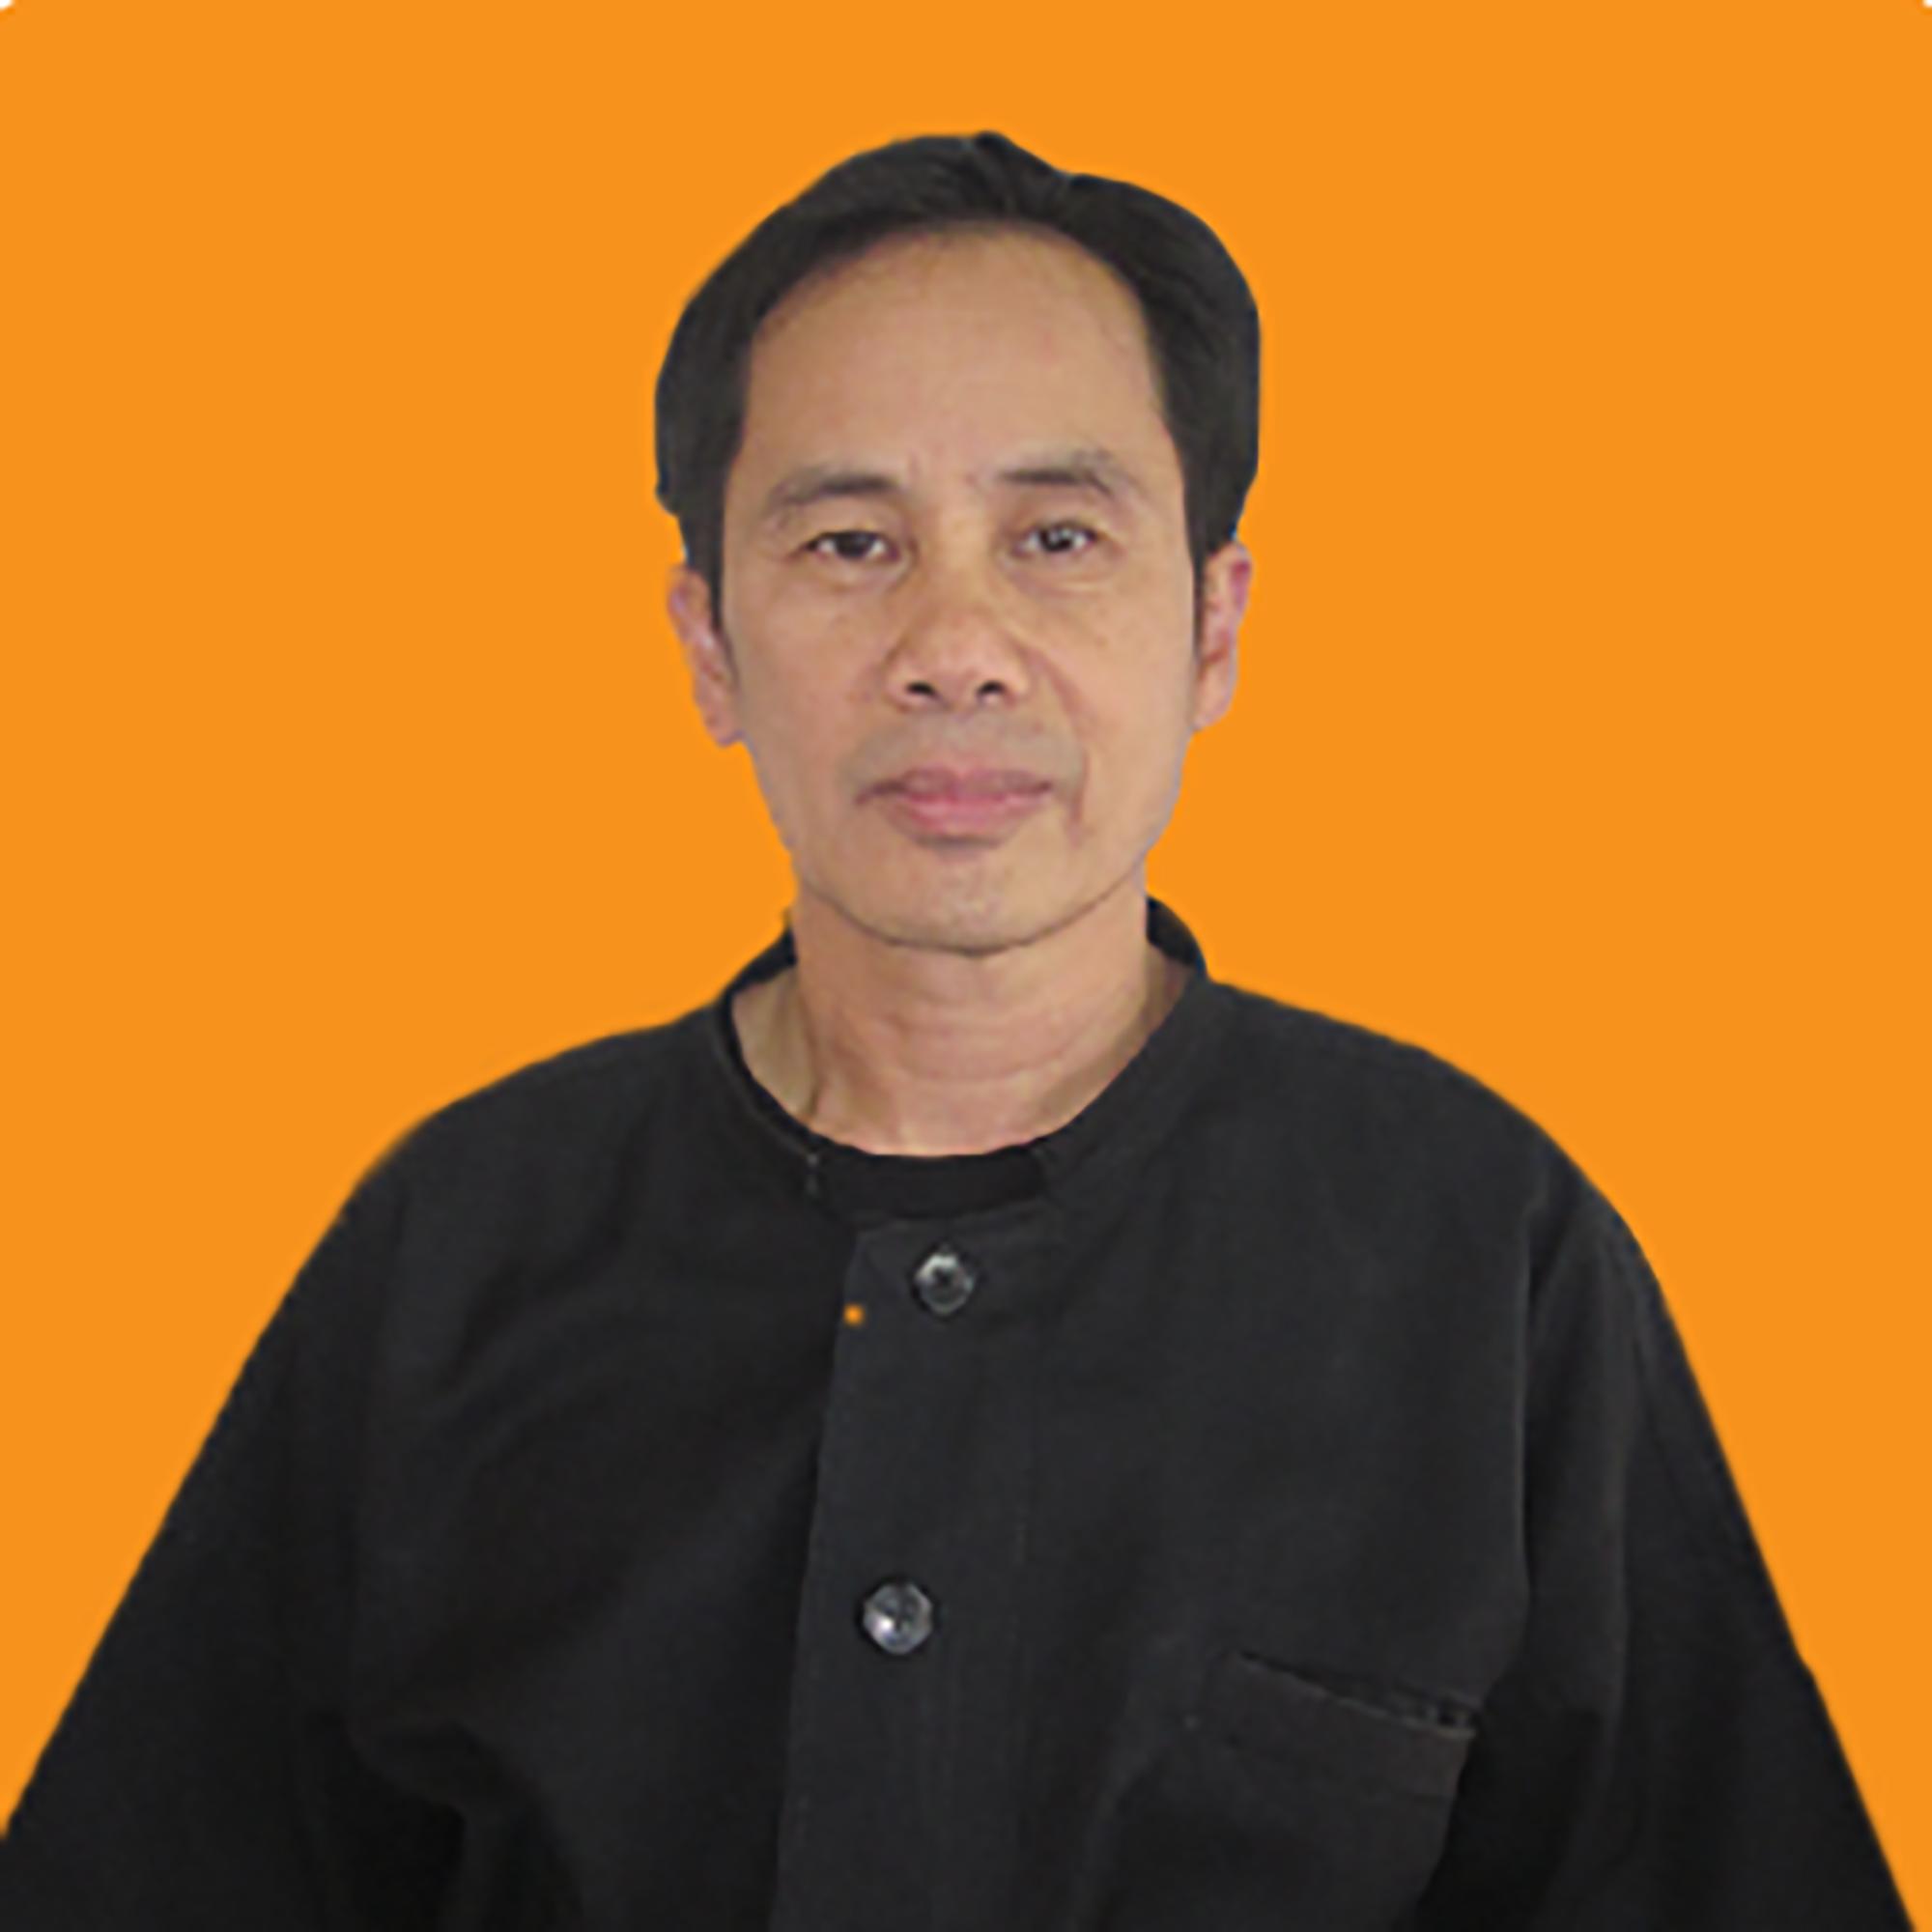 มวยไทย ศิลปะการป้องกันตัวระยะประชิด